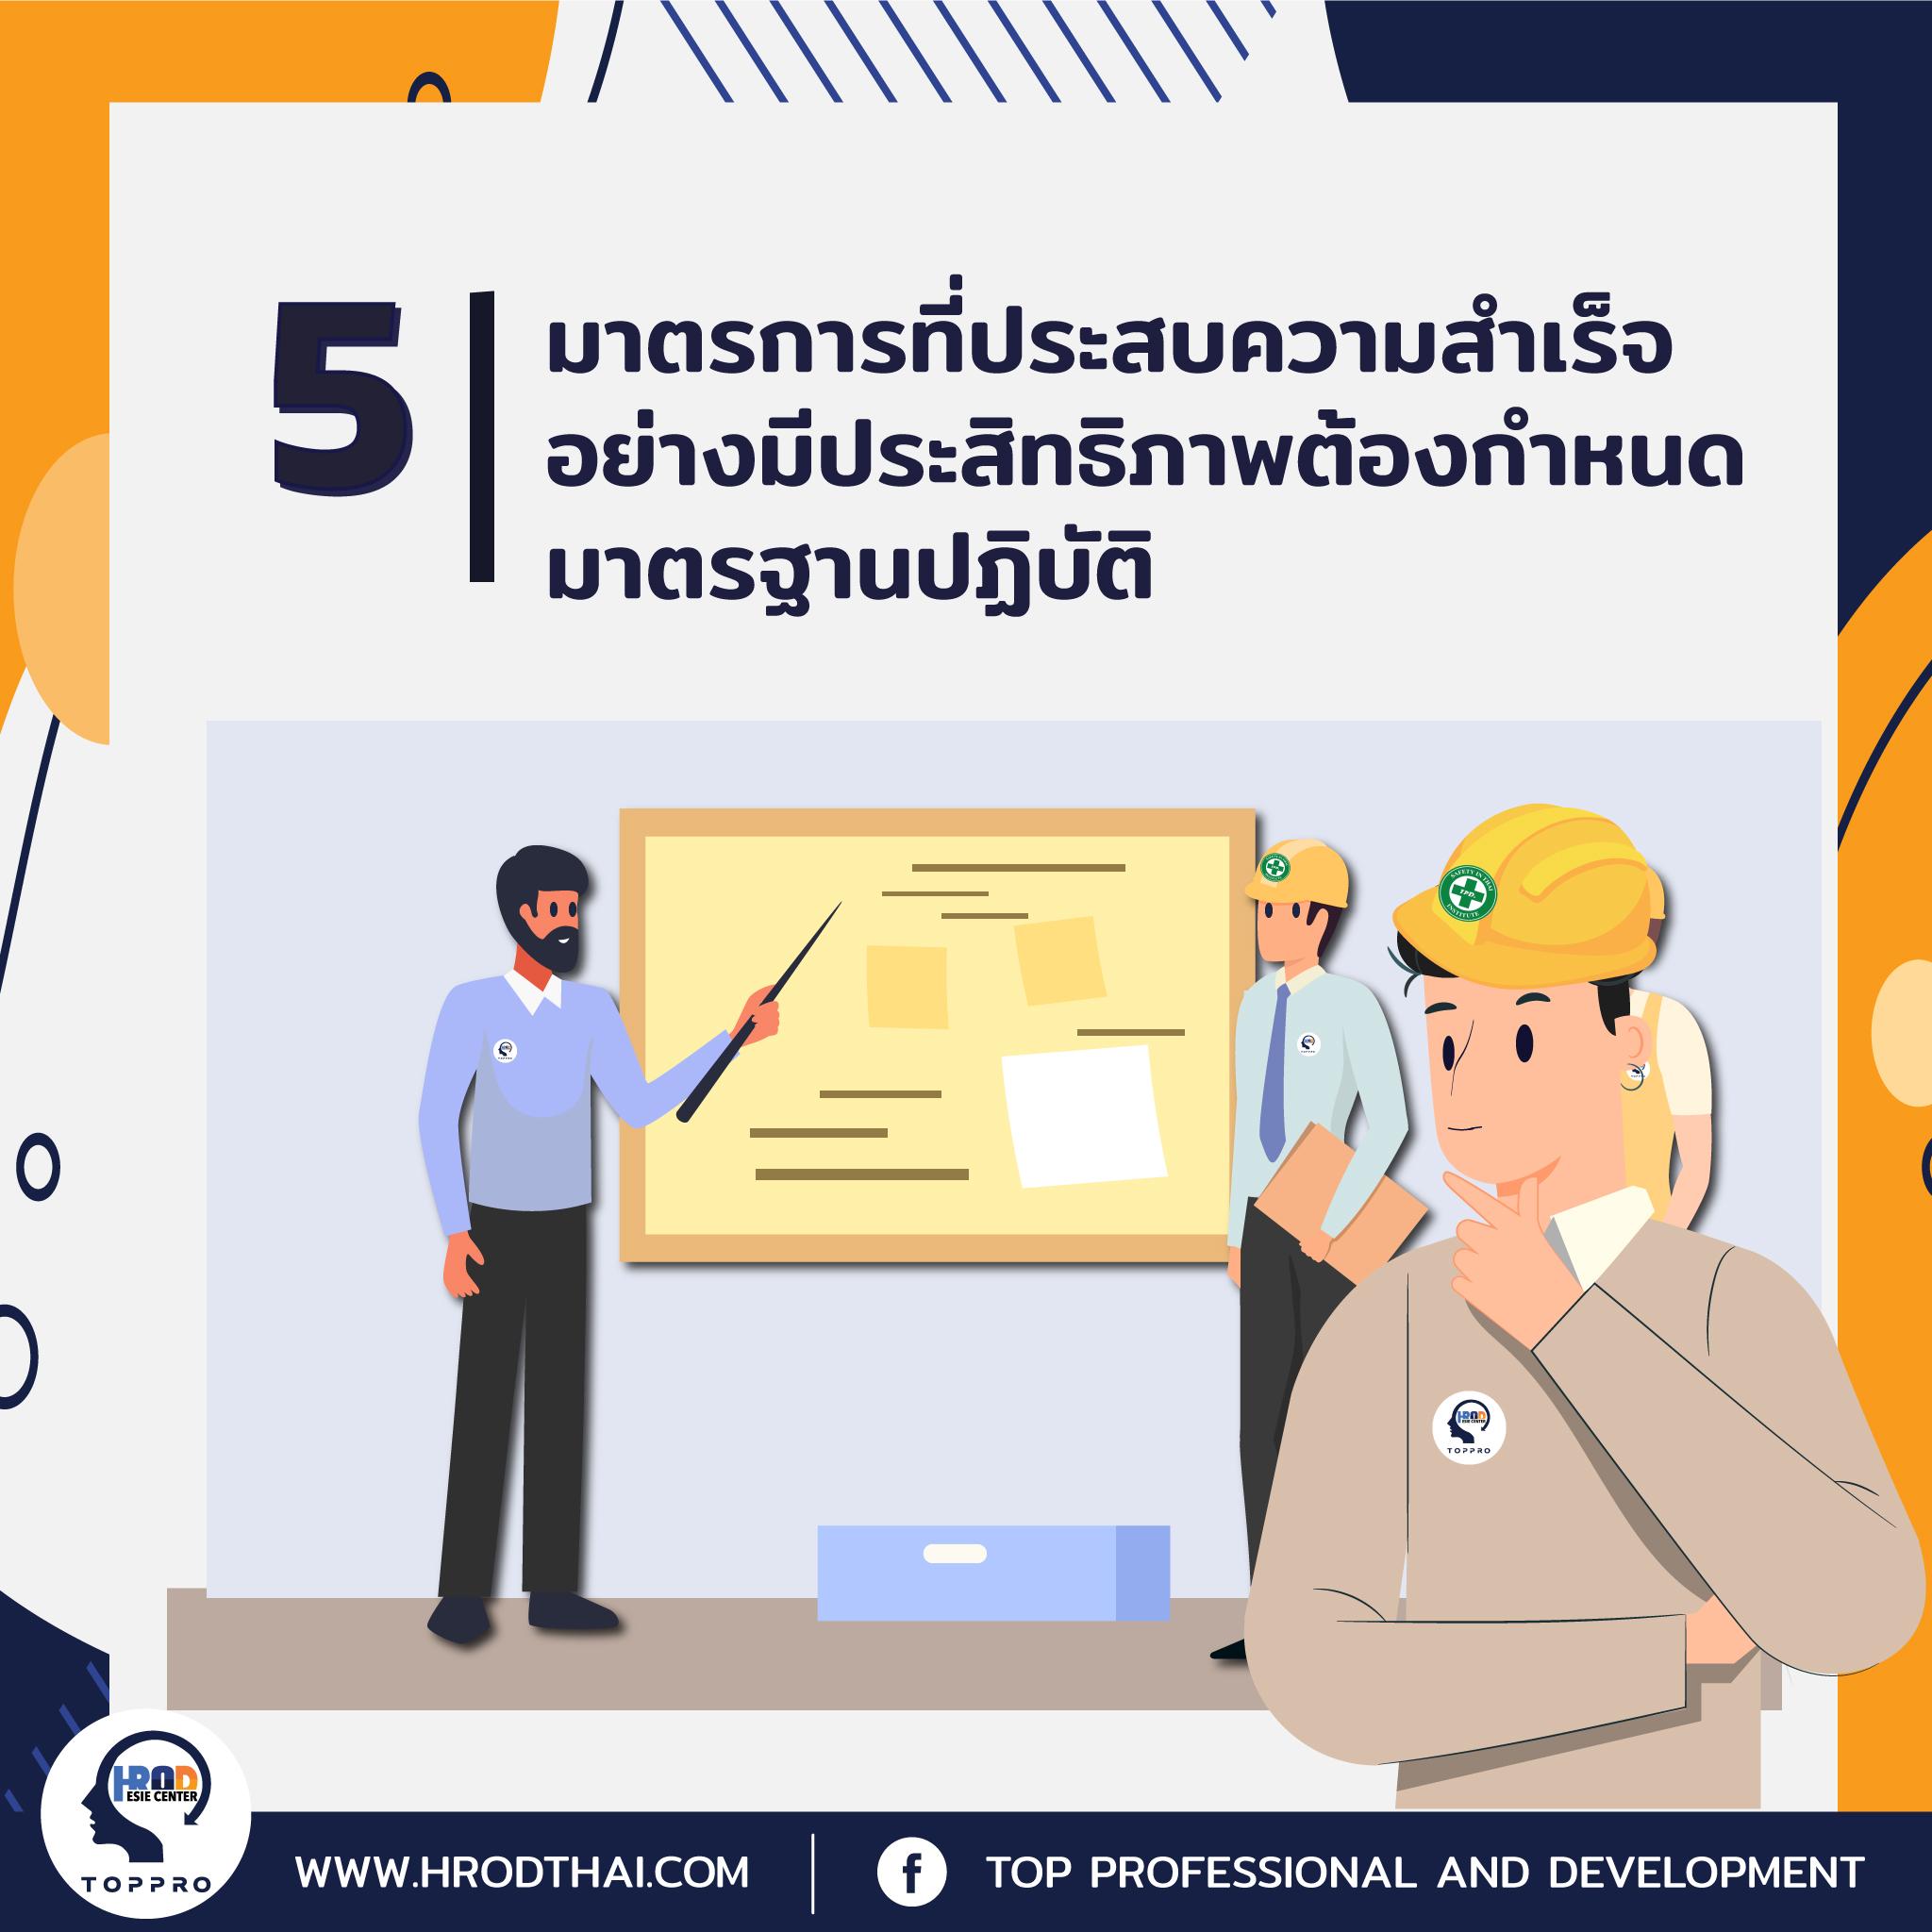 การป้องกันความผิดพลาด-แบบ-POKA-YOKE6